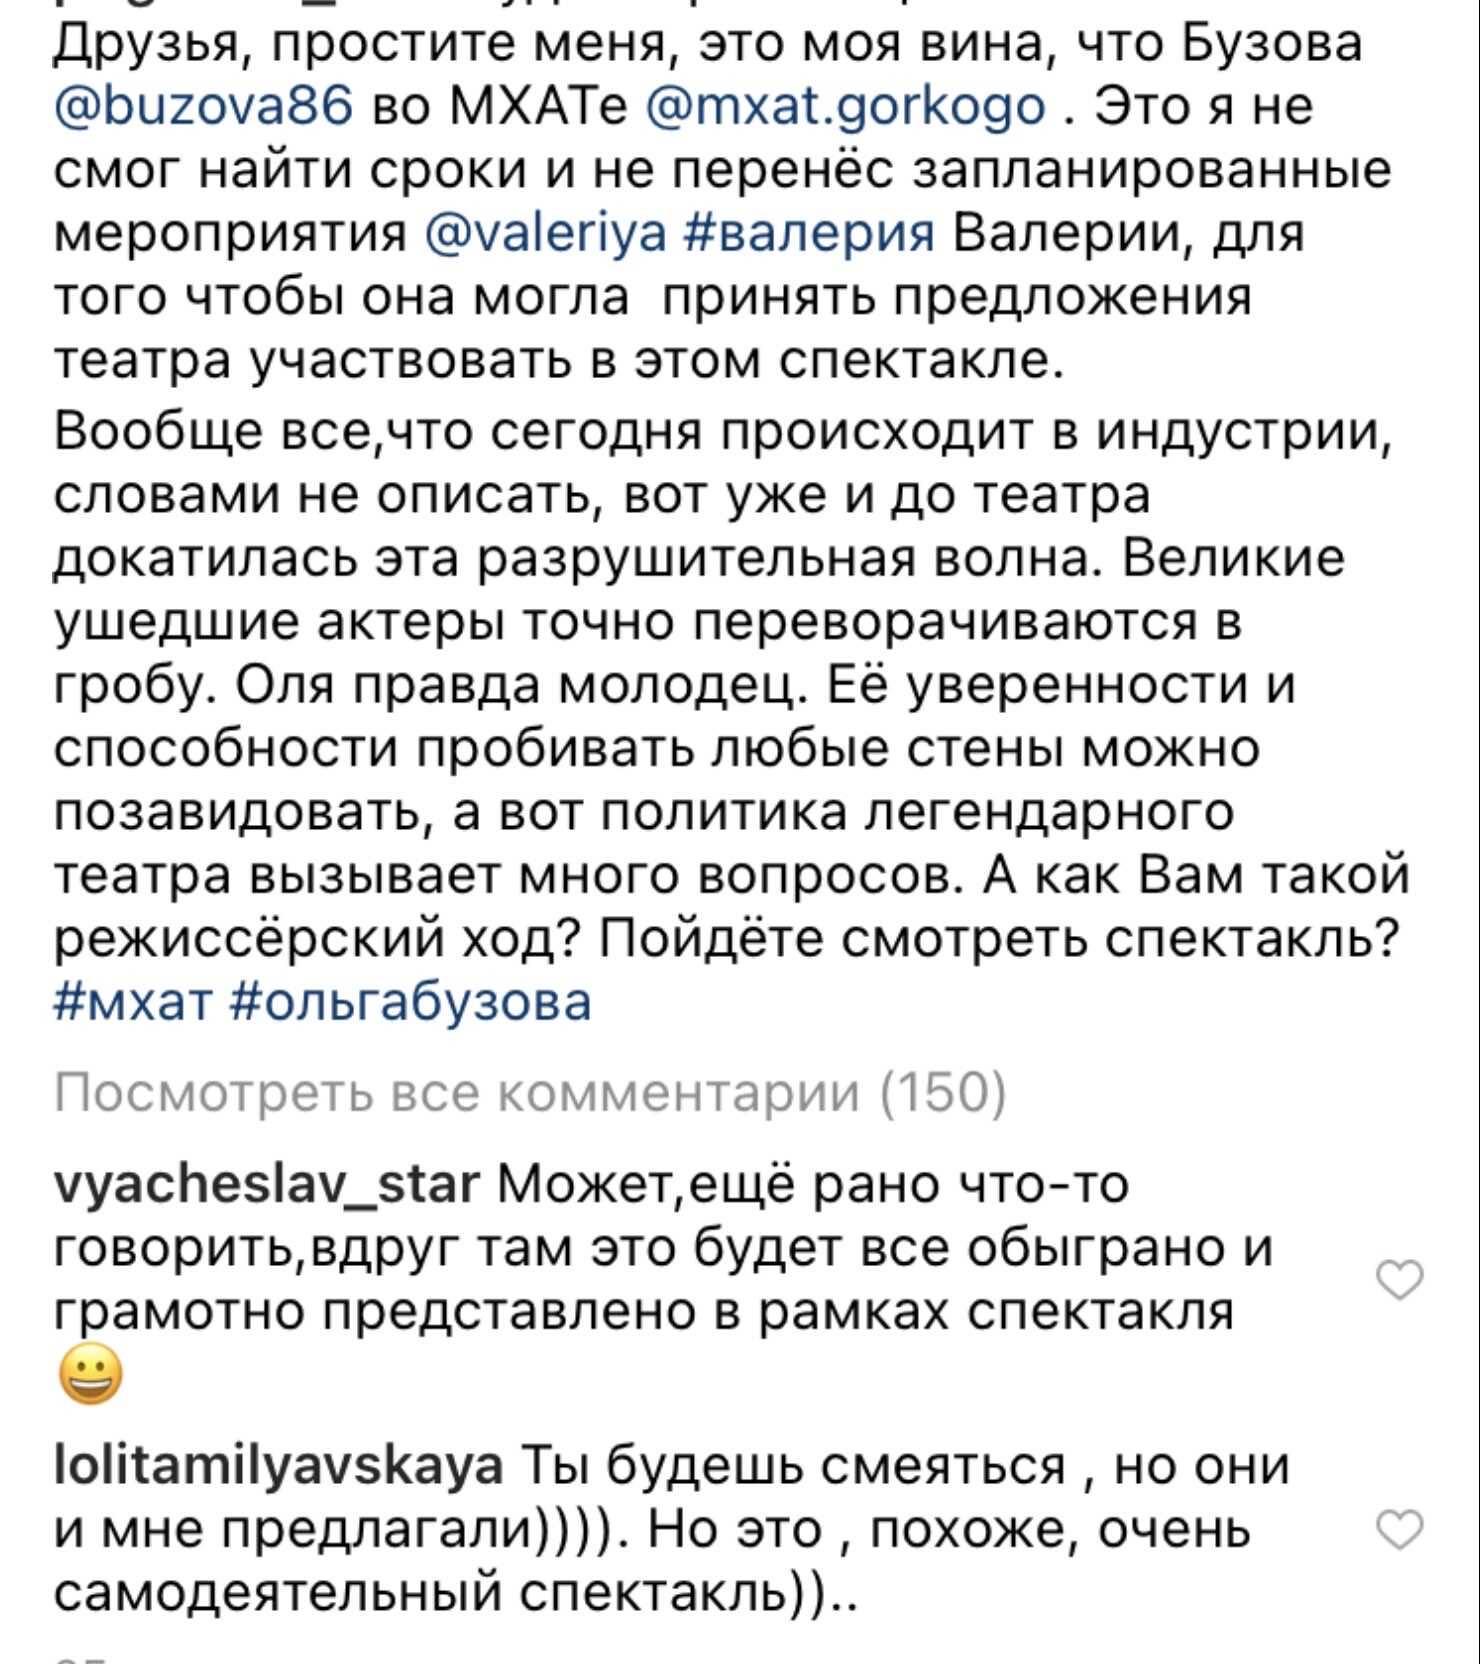 «Это моя вина»: Иосиф Пригожин заявил, на месте Ольги Бузовой играть во МХАТе должна была Валерия, но Лолита Милявская спустила его с небес